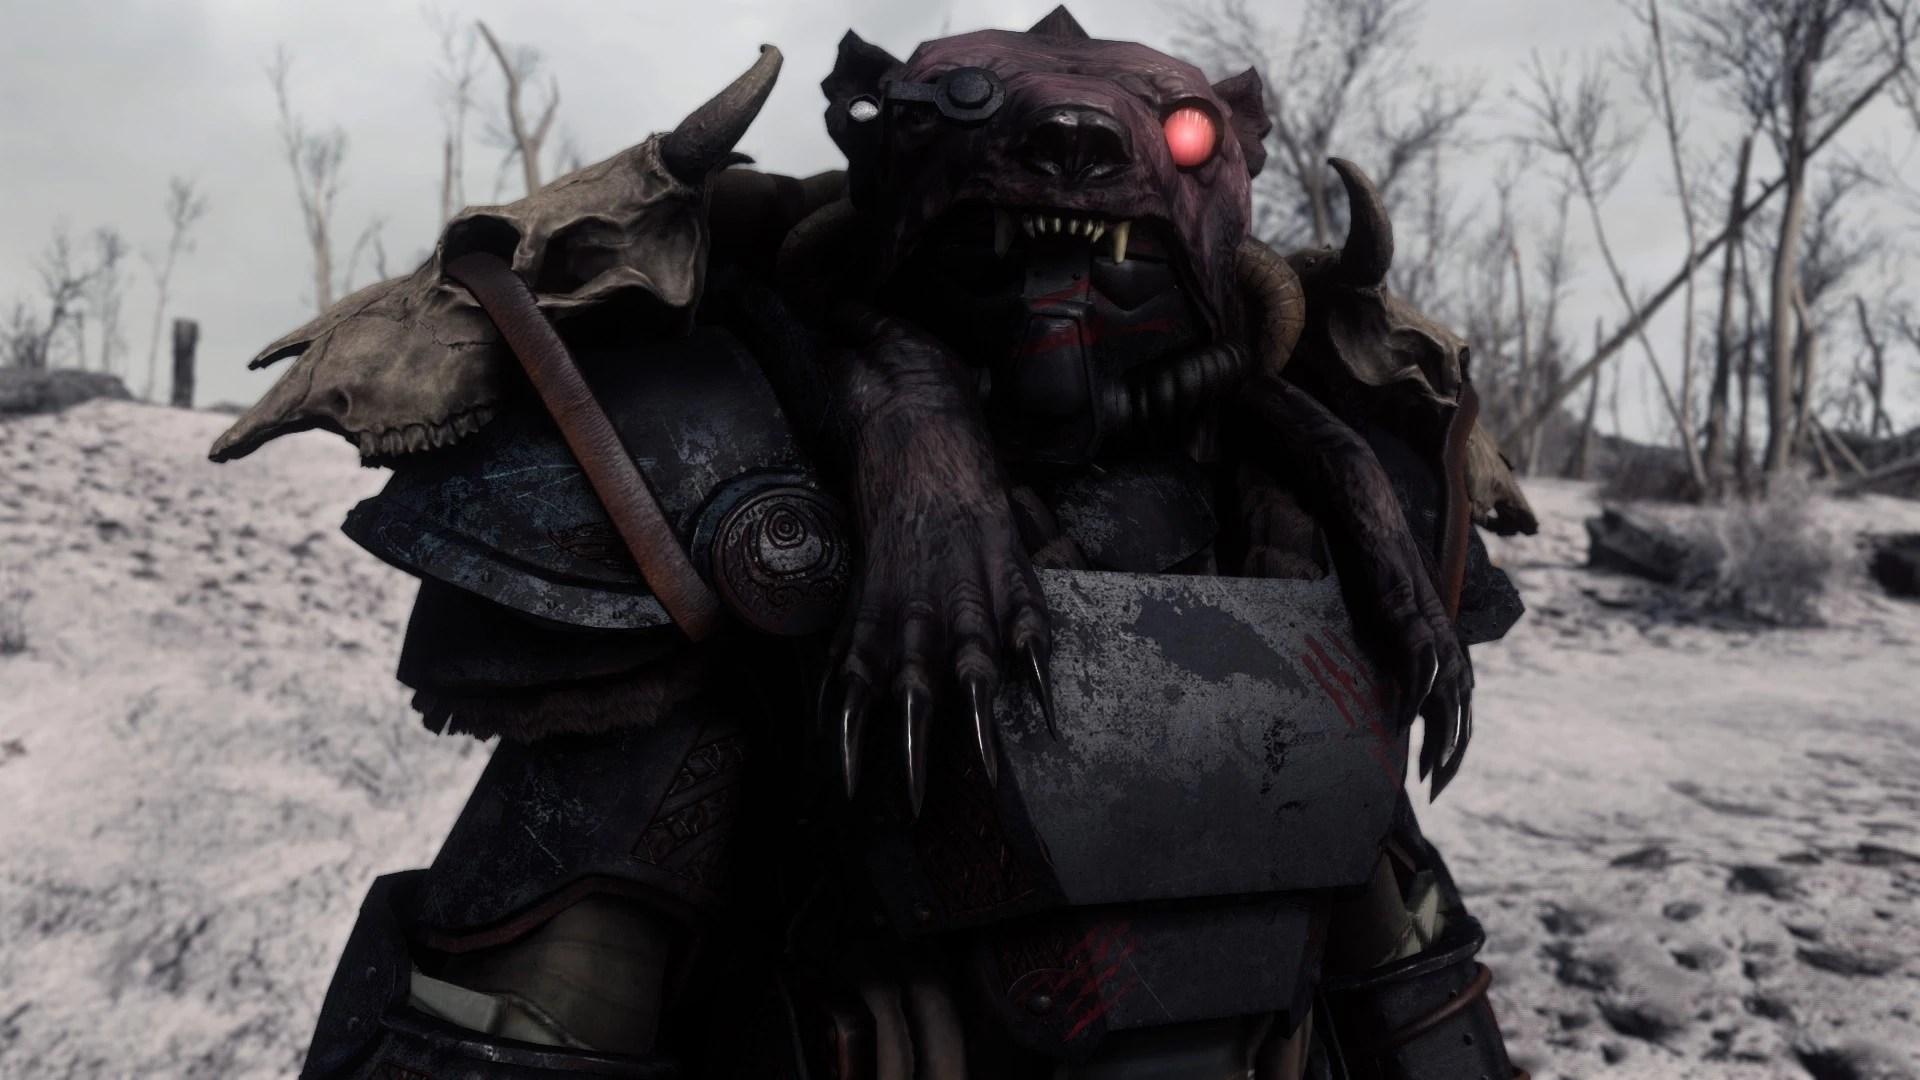 Mod Power Fallout Skyrim Armor